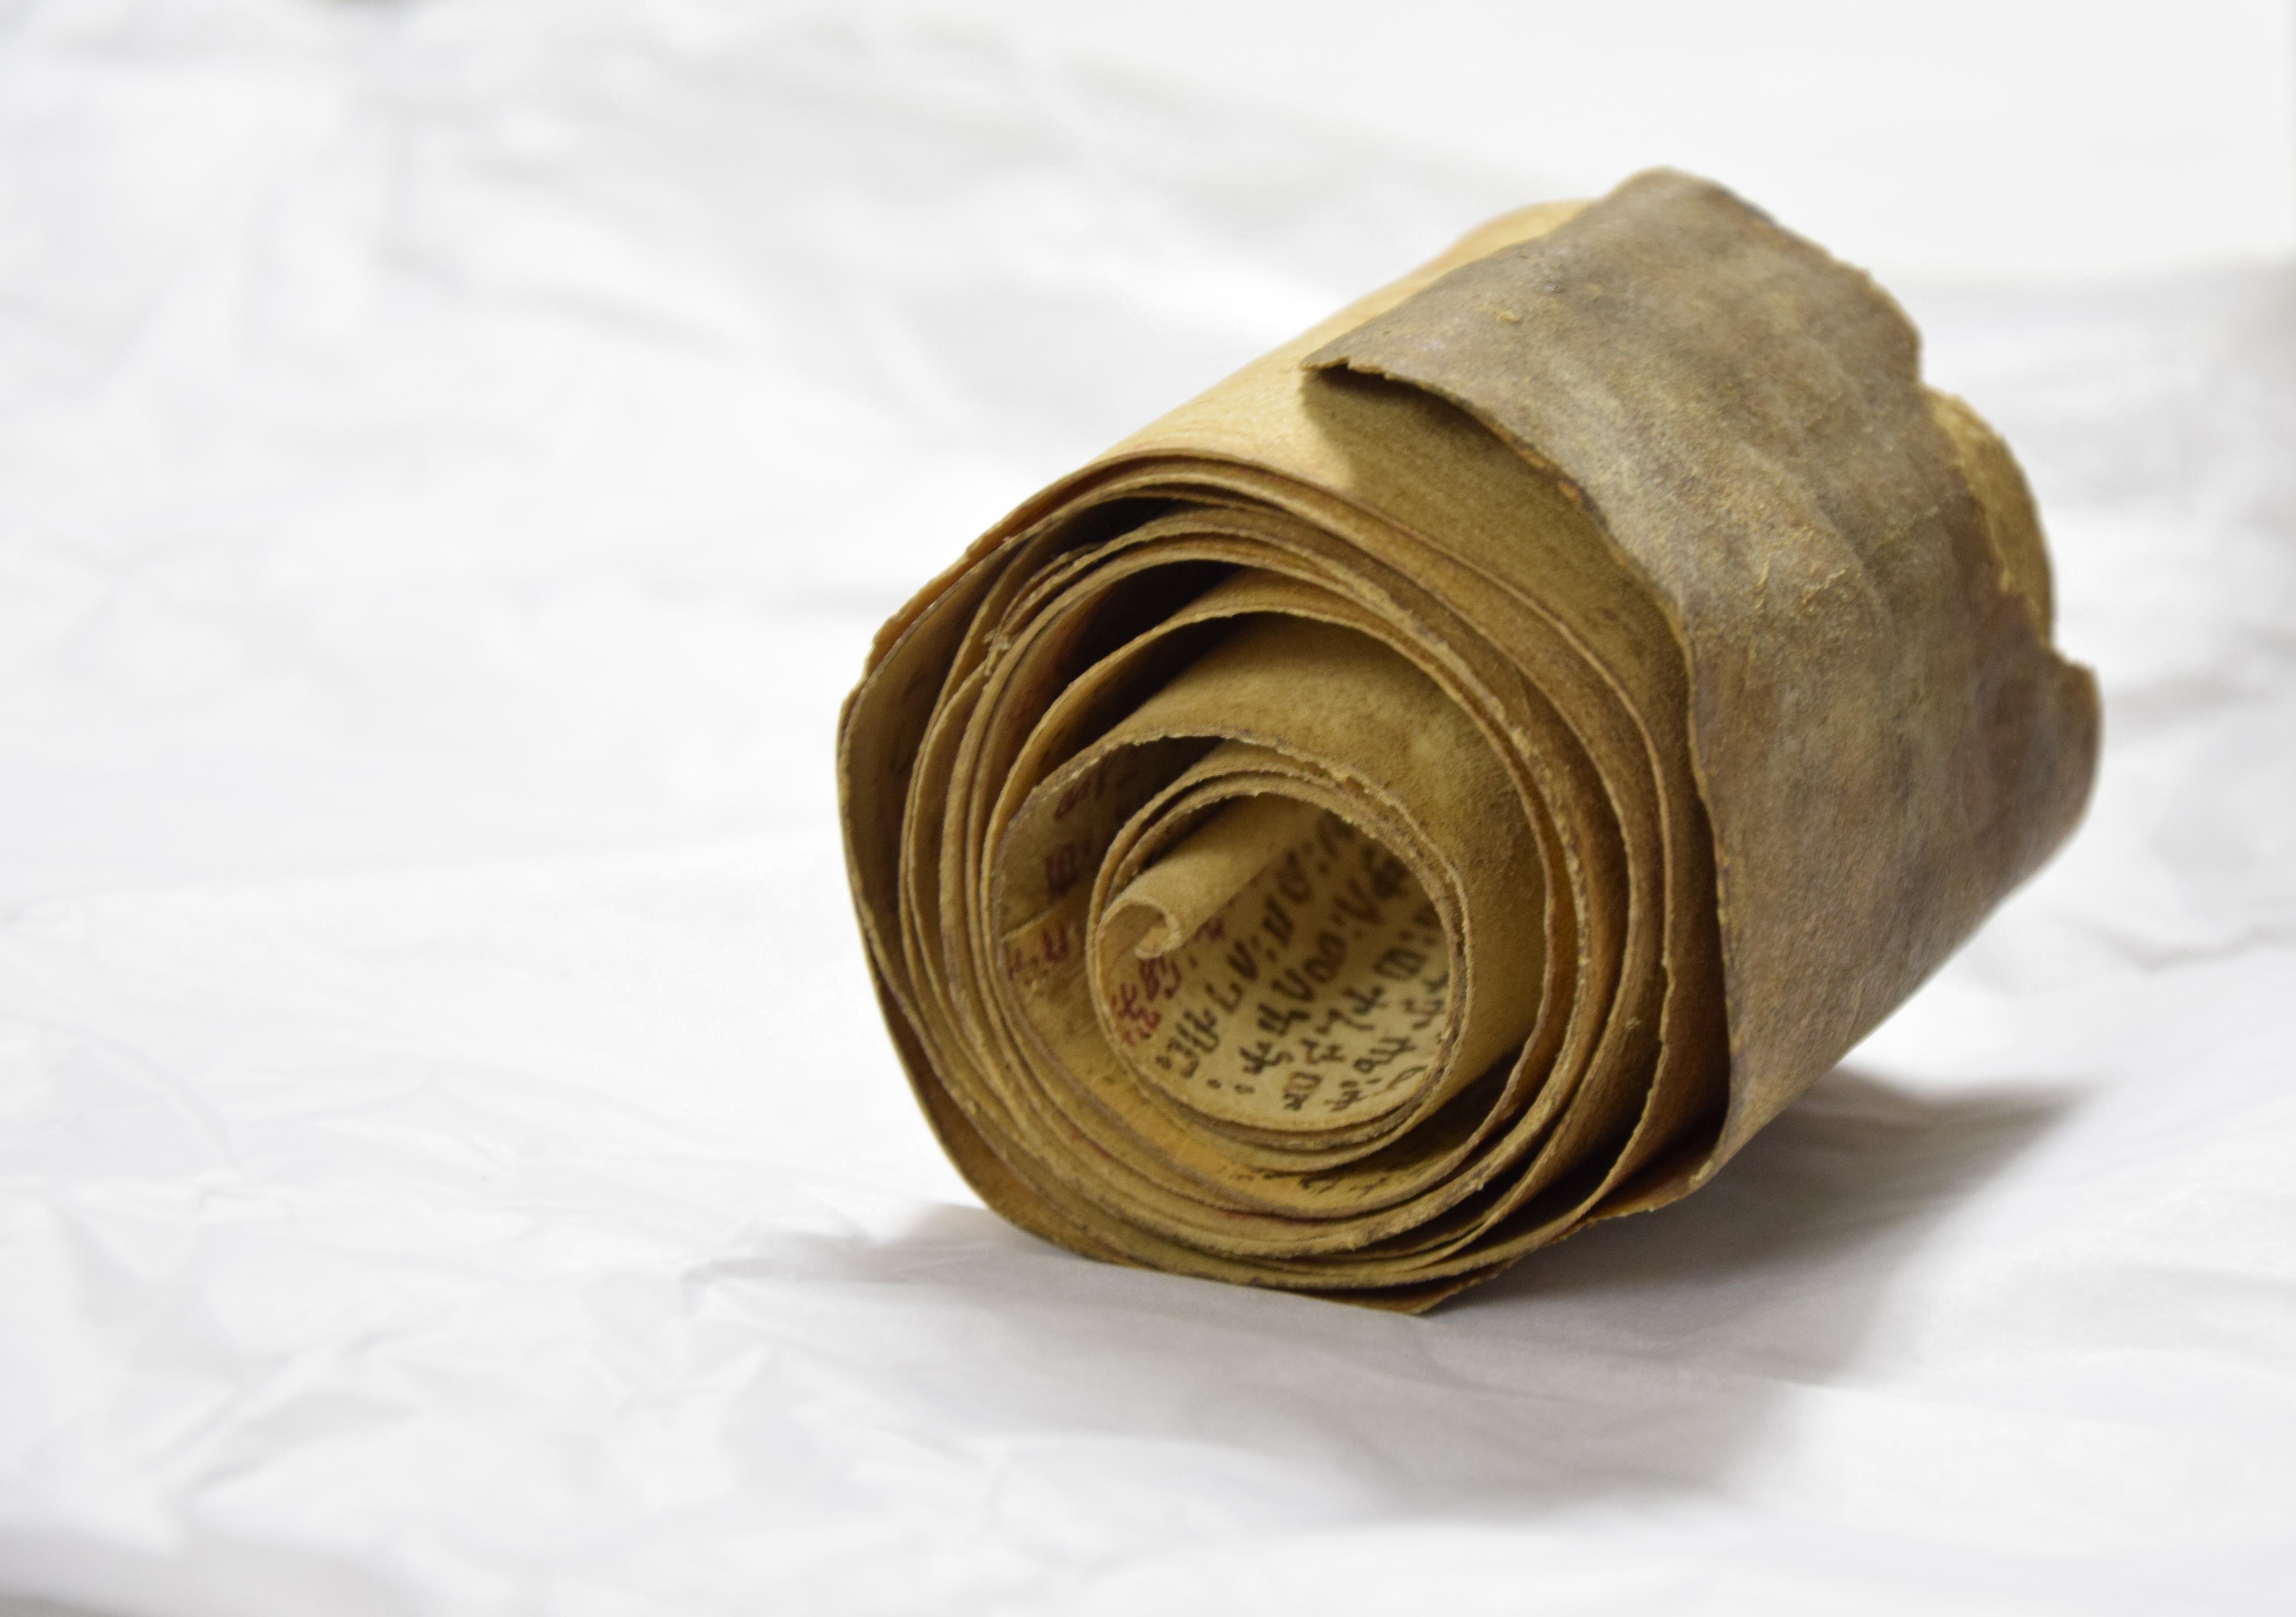 Iniziativa valorizzazione dei fondi orientali conservati presso le istituzioni culturali di Roma